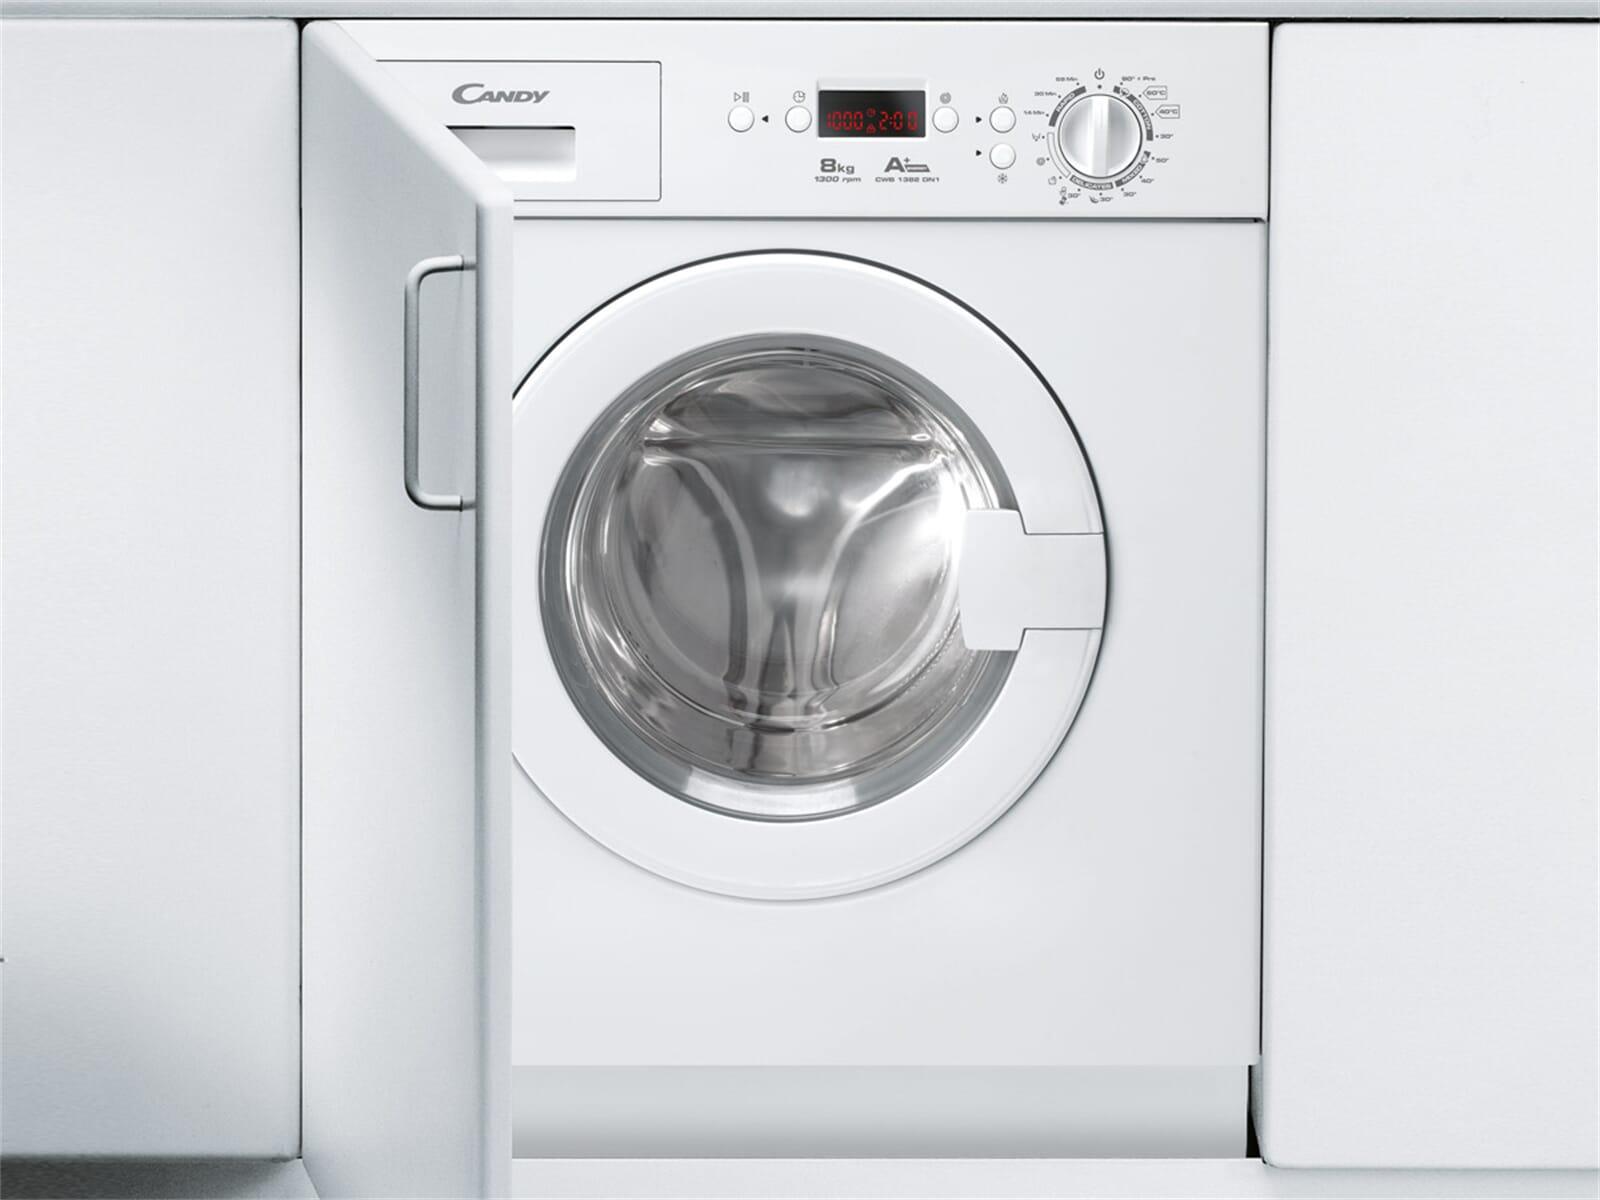 waschmaschine unterbau xavax unterbau mit ausfahrbaren rollen f r waschmaschinen. Black Bedroom Furniture Sets. Home Design Ideas